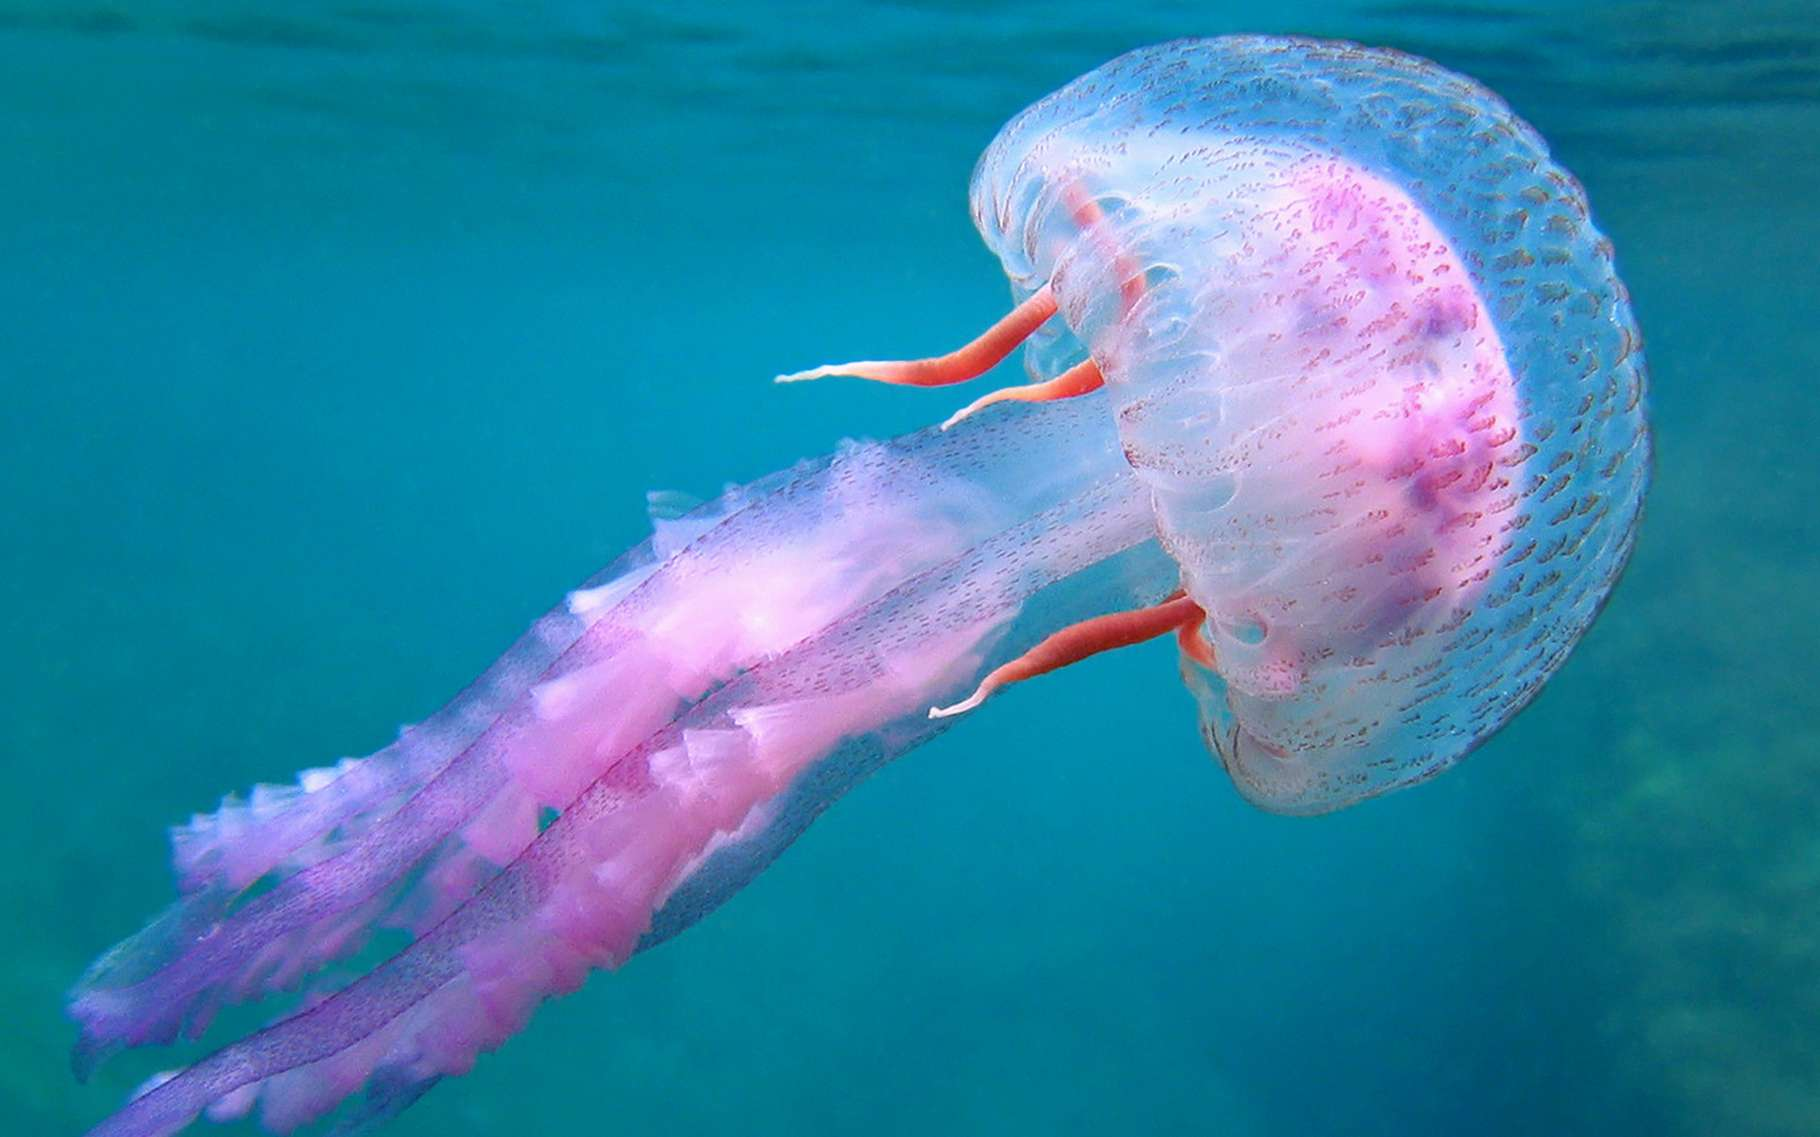 Pelagia noctiluca est une petite méduse urticante, présente notamment en Méditerranée. © Vilainecrevette, Shutterstock